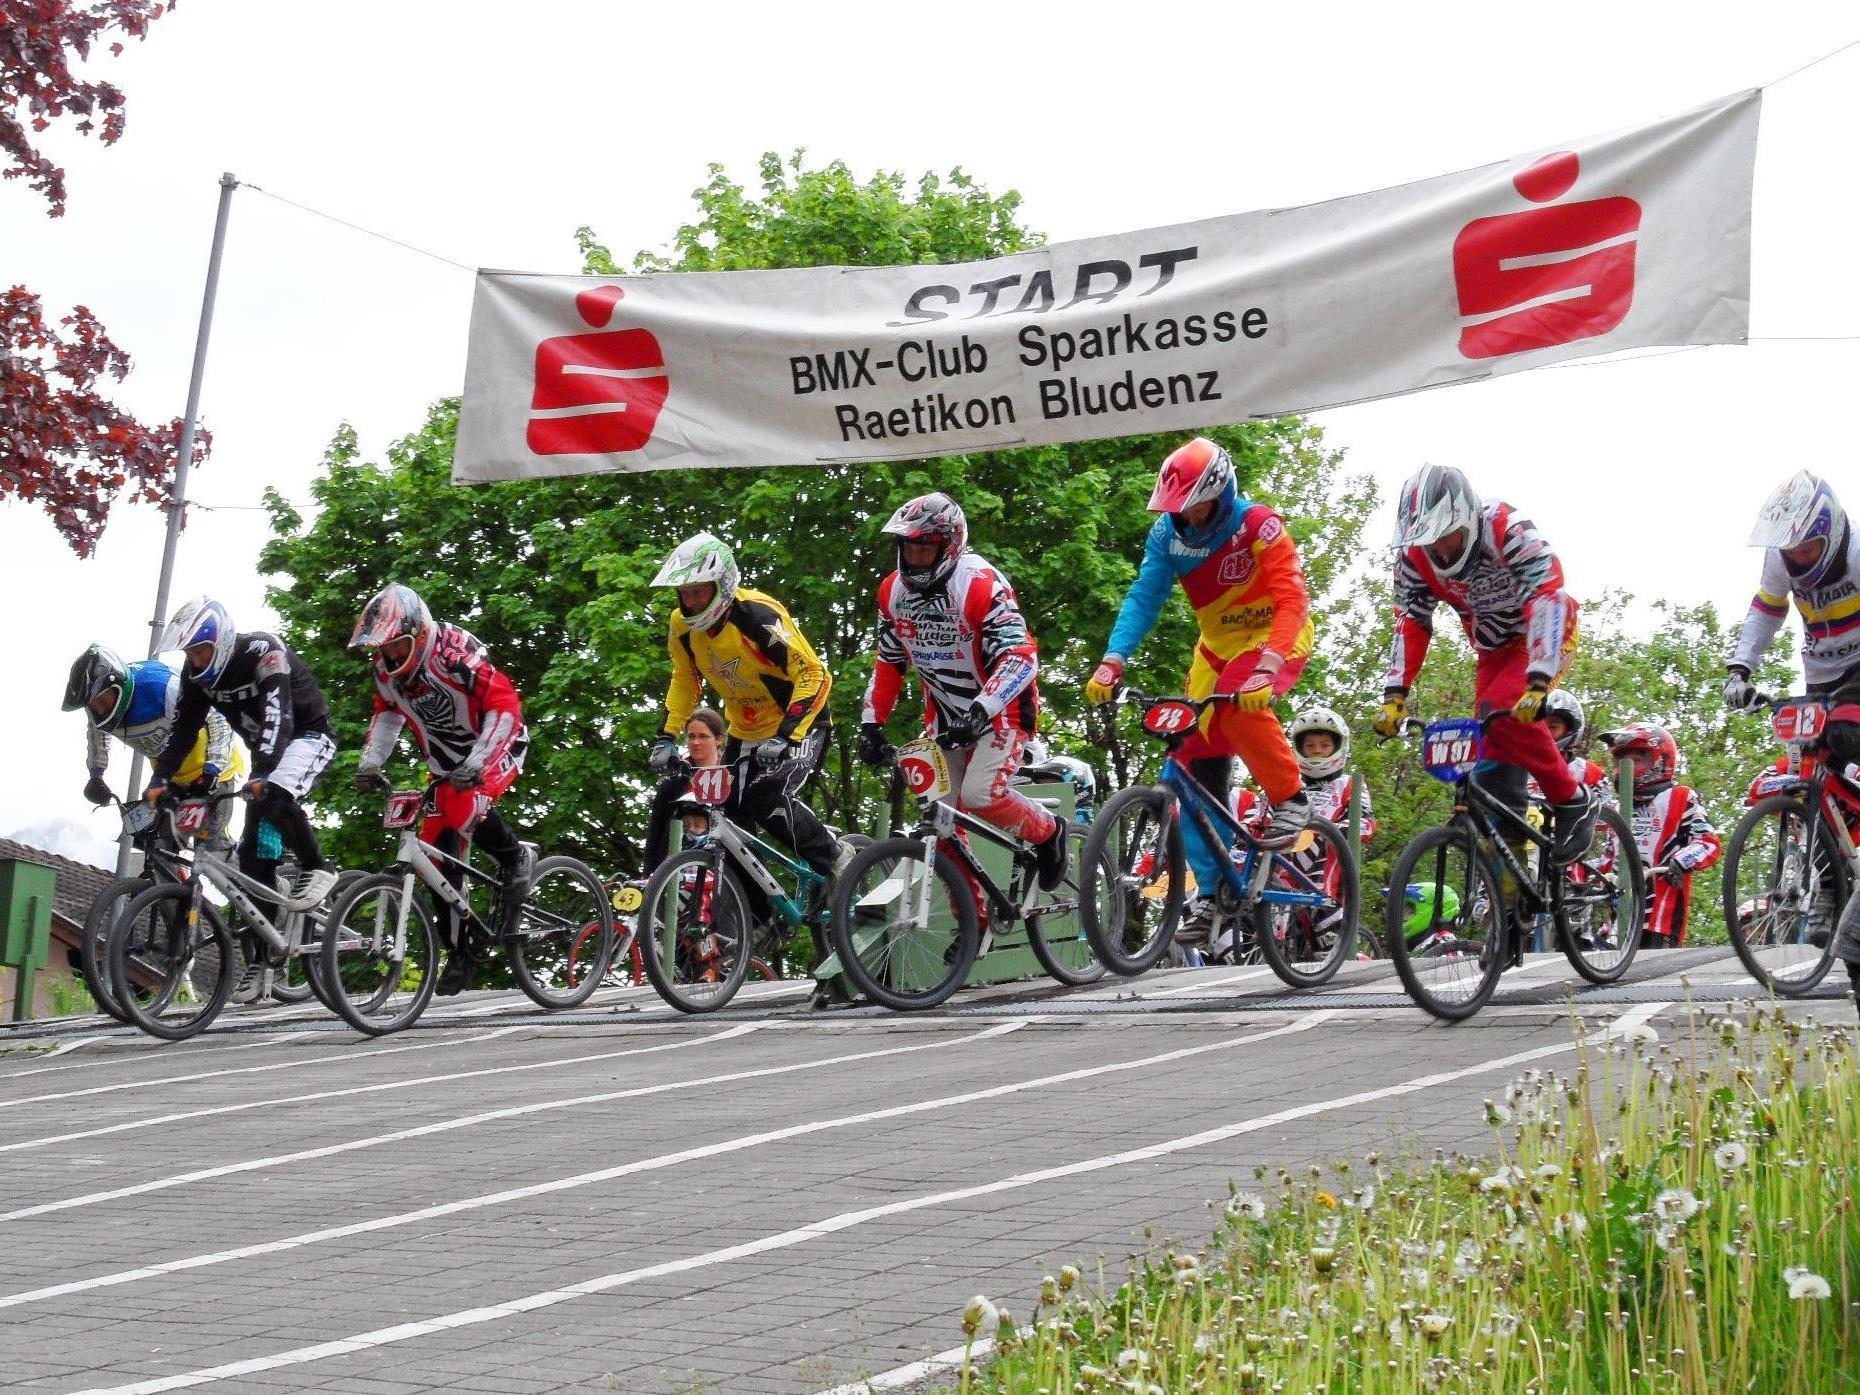 Die Bludenzer dominierten die BMX-Landesmeisterschaft.